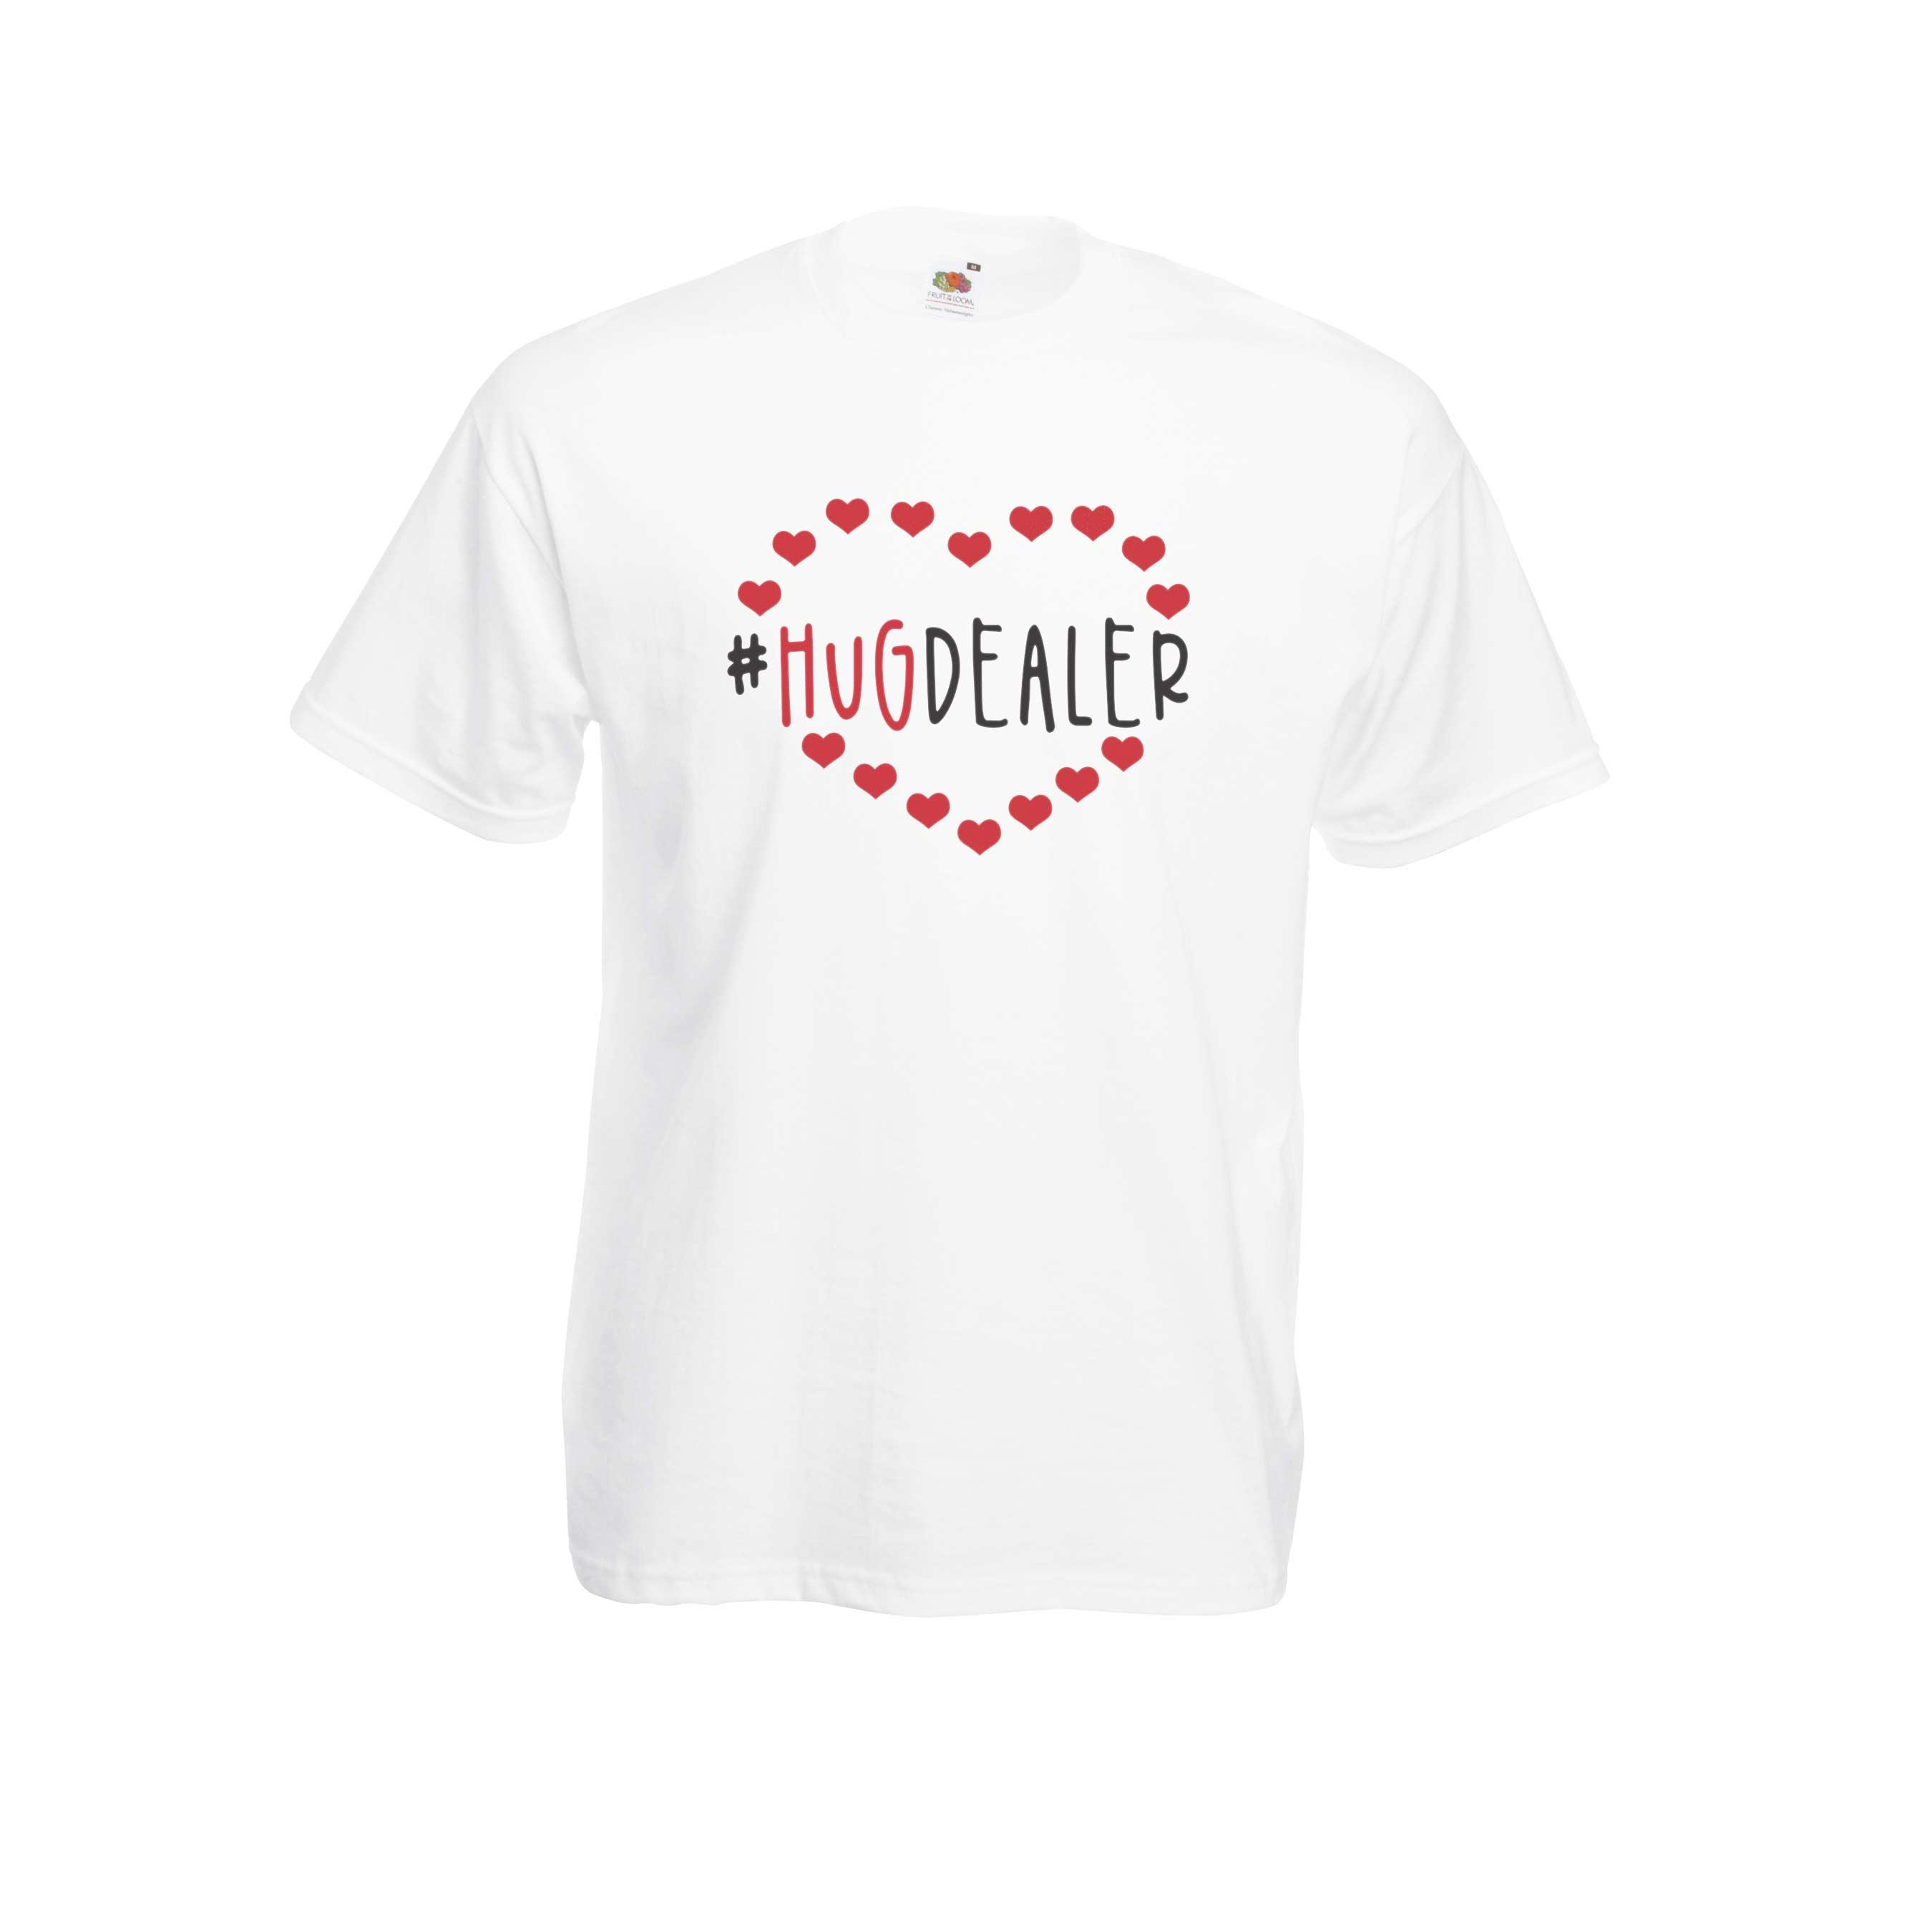 Hug Dealer design for t-shirt, hoodie & sweatshirt